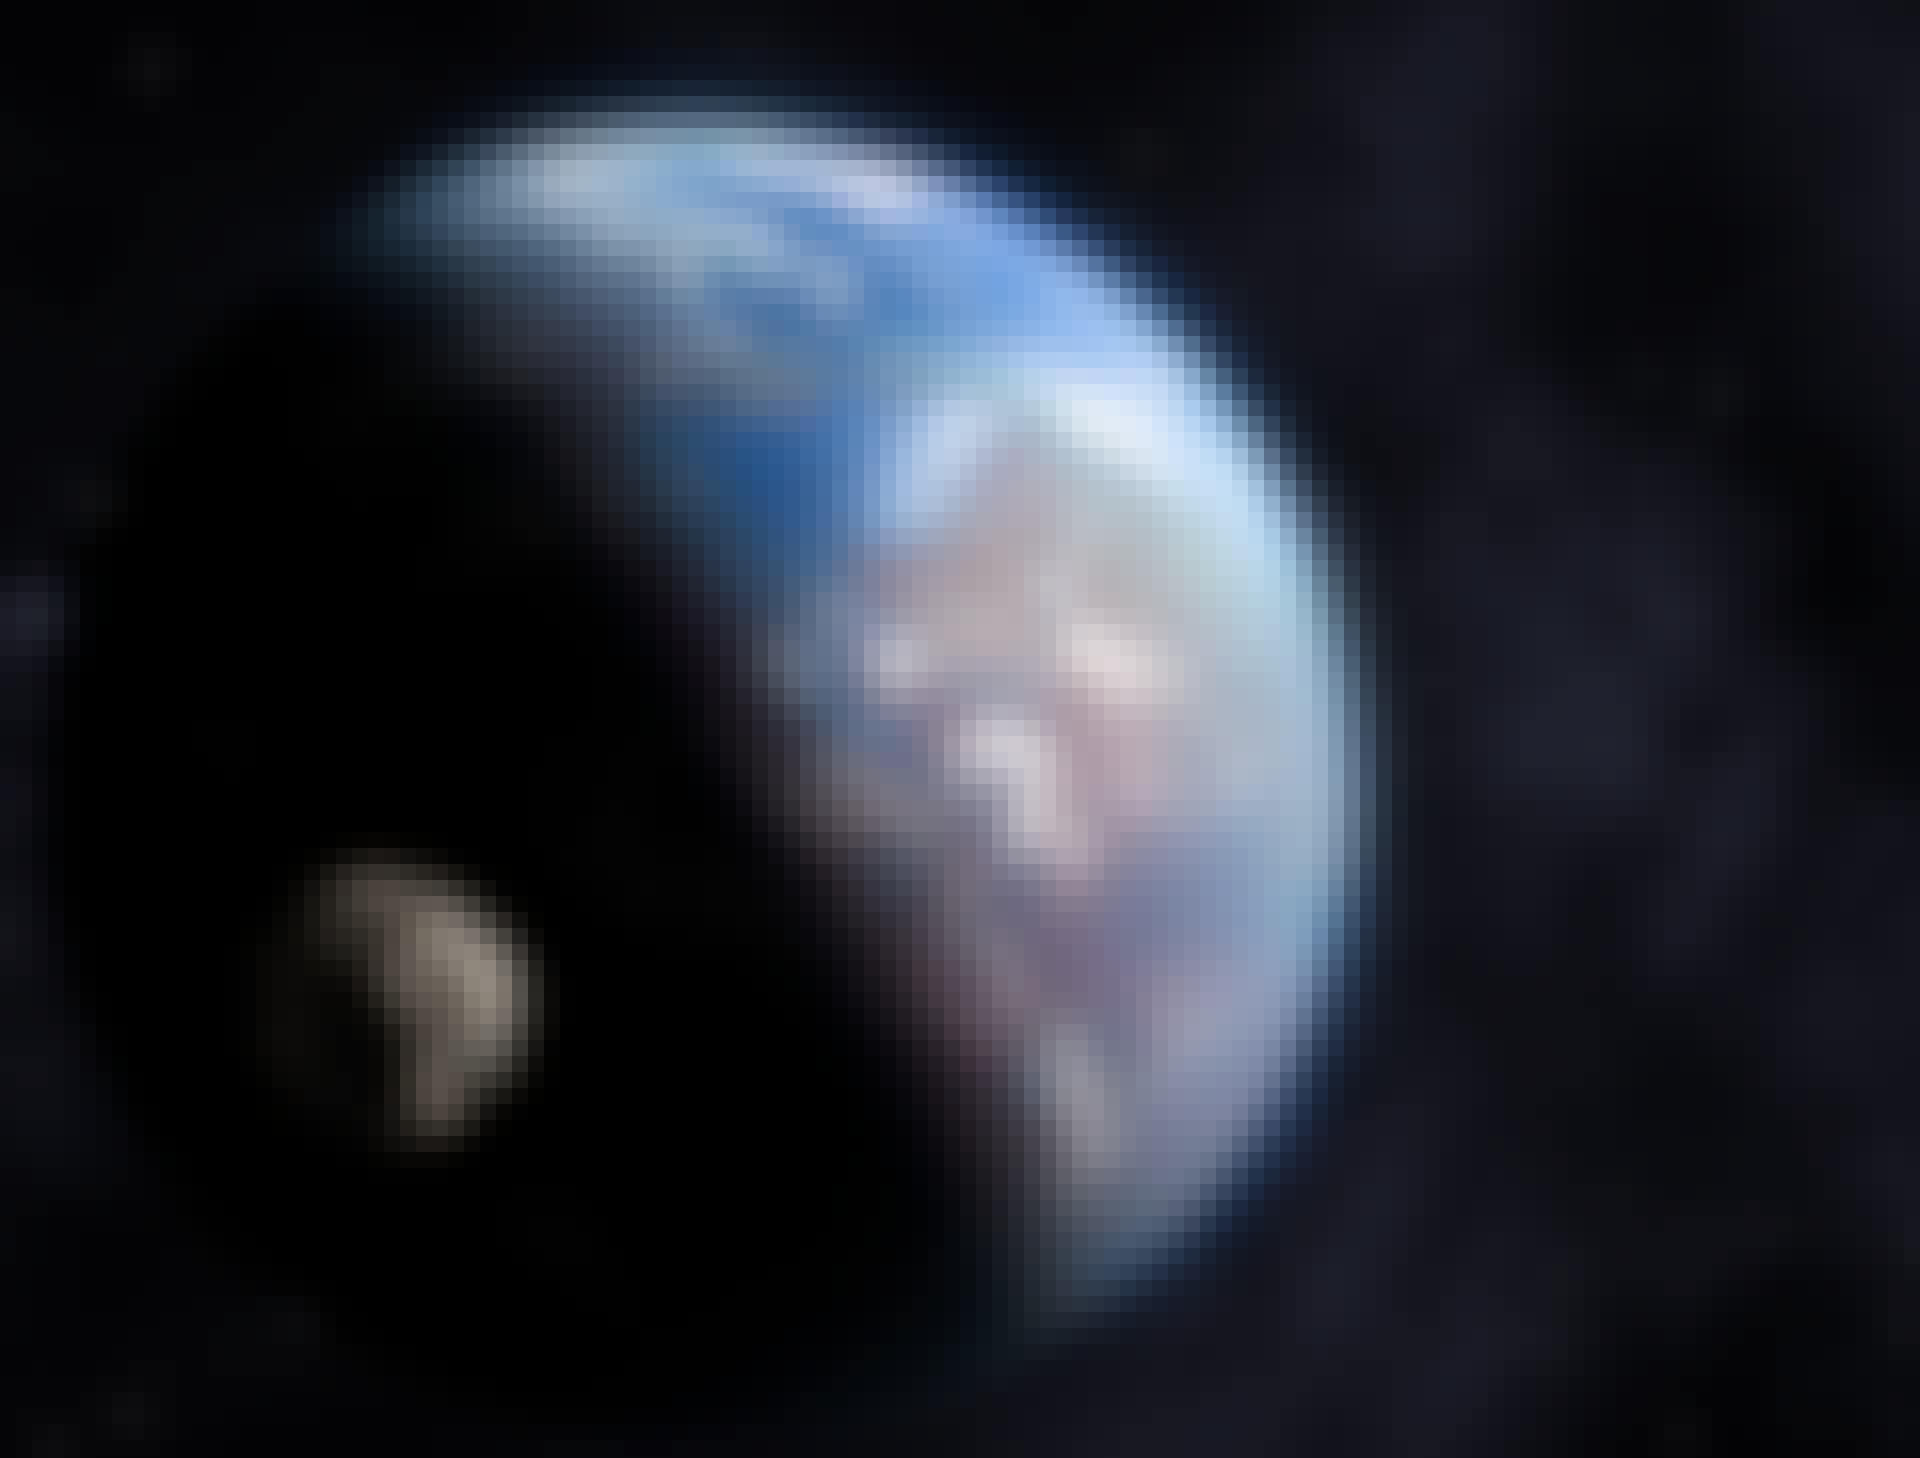 Exoplaneet, waterplaneet, planeet, planetoïde